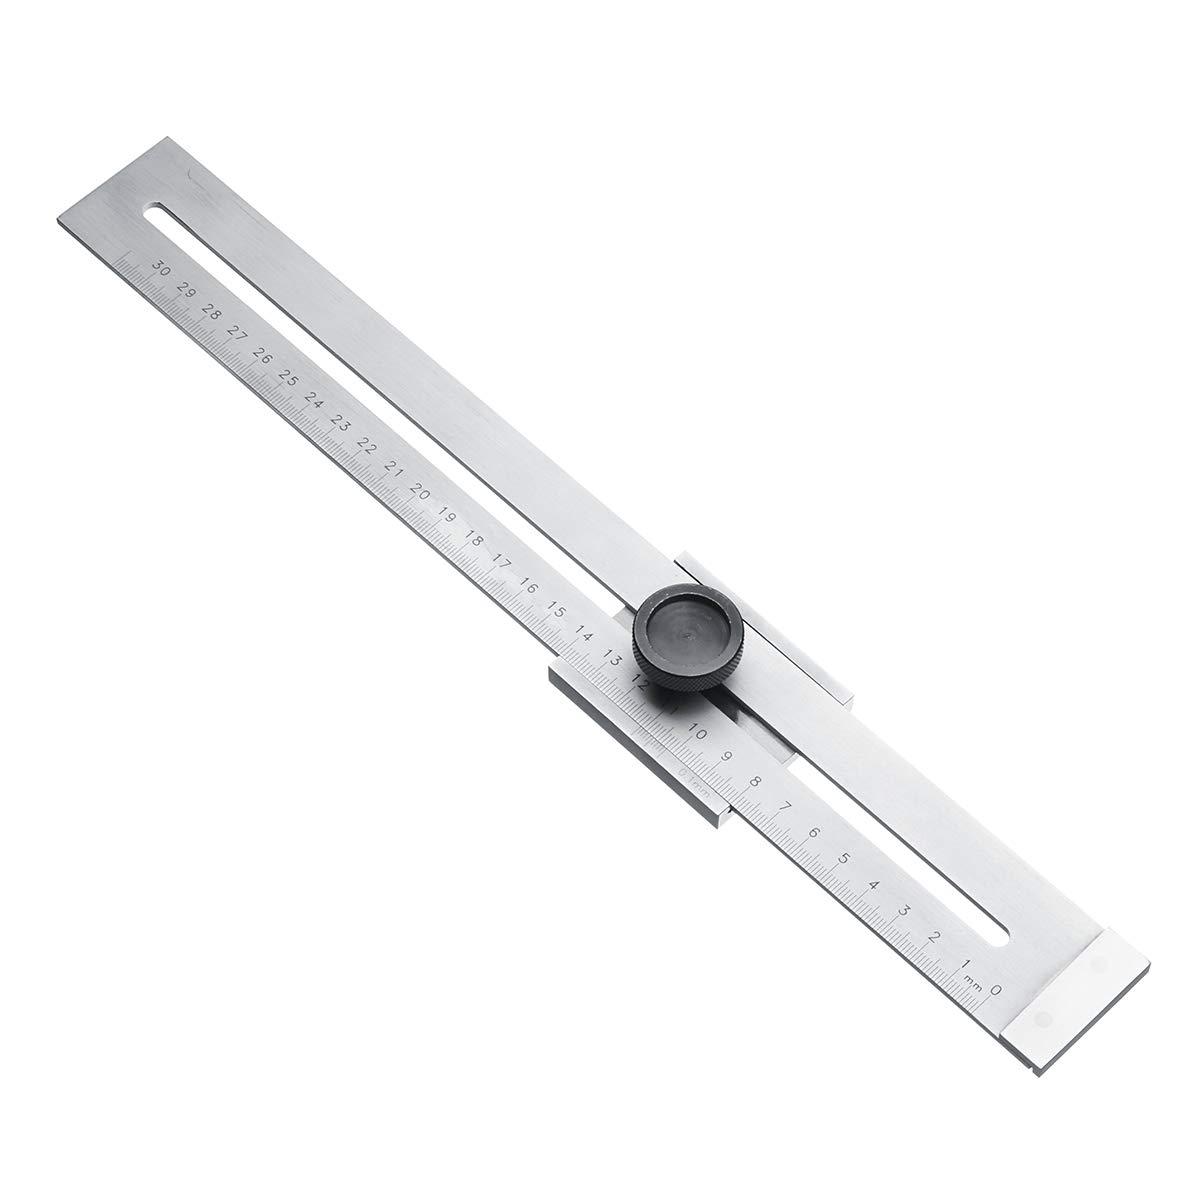 Marking Gauge Sevenmore Carbon Steel 0.1mm Precision Parallel Ruler Marker Marking Gauge Line Ruler 300mm